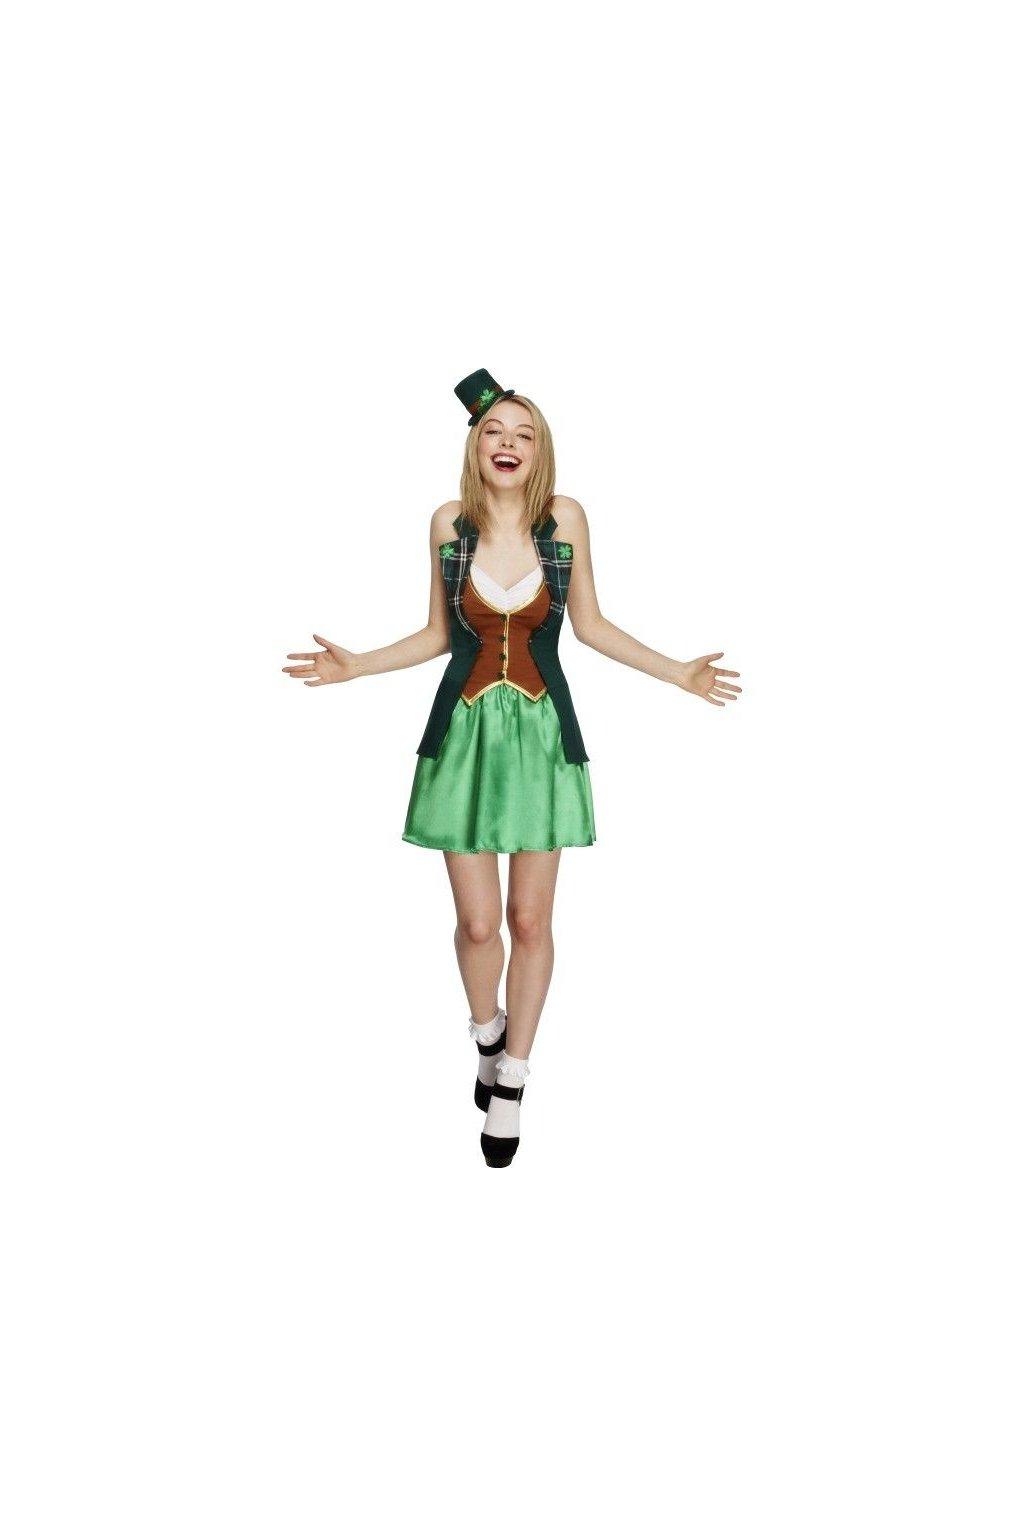 Dámský kostým St Patrick's Day